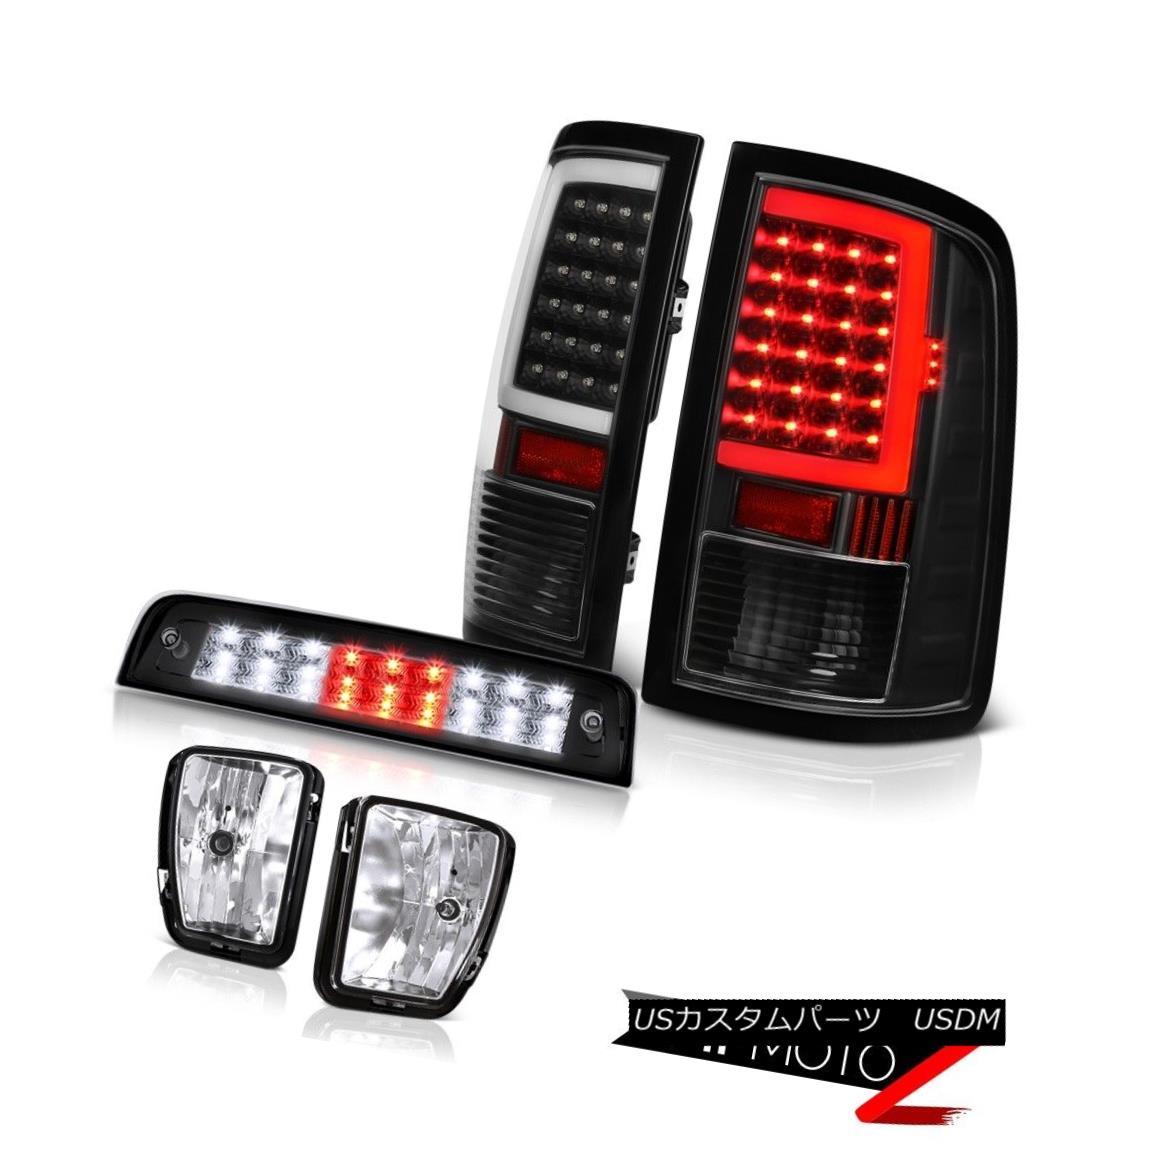 テールライト 13-18 RAM 1500 Third Brake Lights Tail Light Sterling Chrome Driving Replacement 13-18 RAM 1500第3ブレーキライトテールライトスターリングクロムドライビング交換